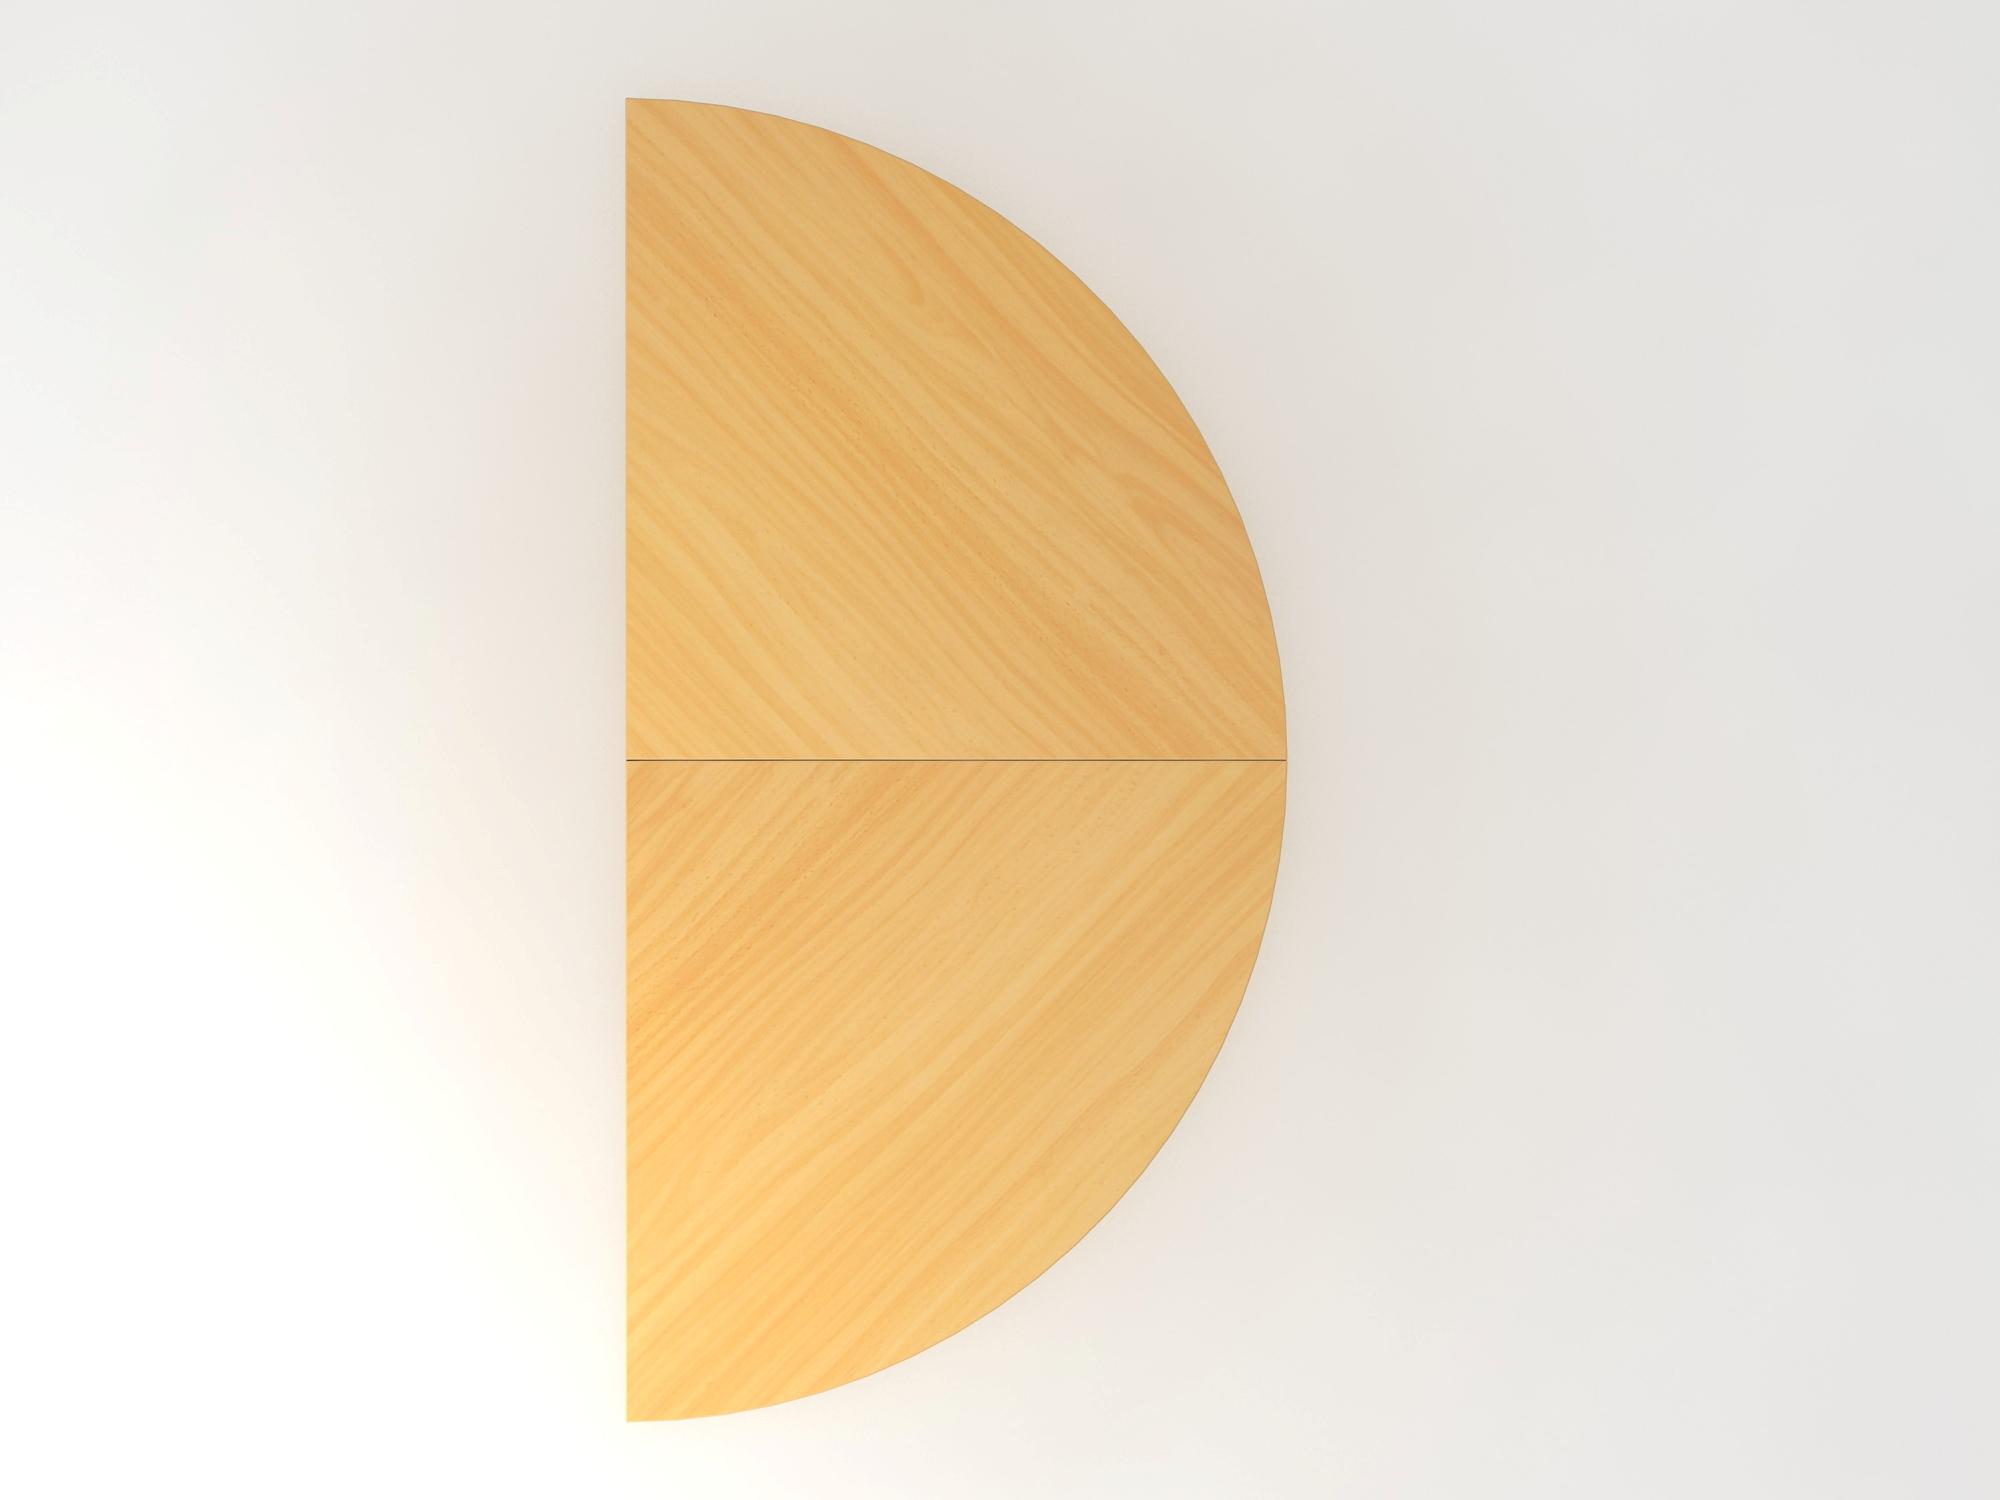 Anbautisch 2xViertelkreis/STF Buche